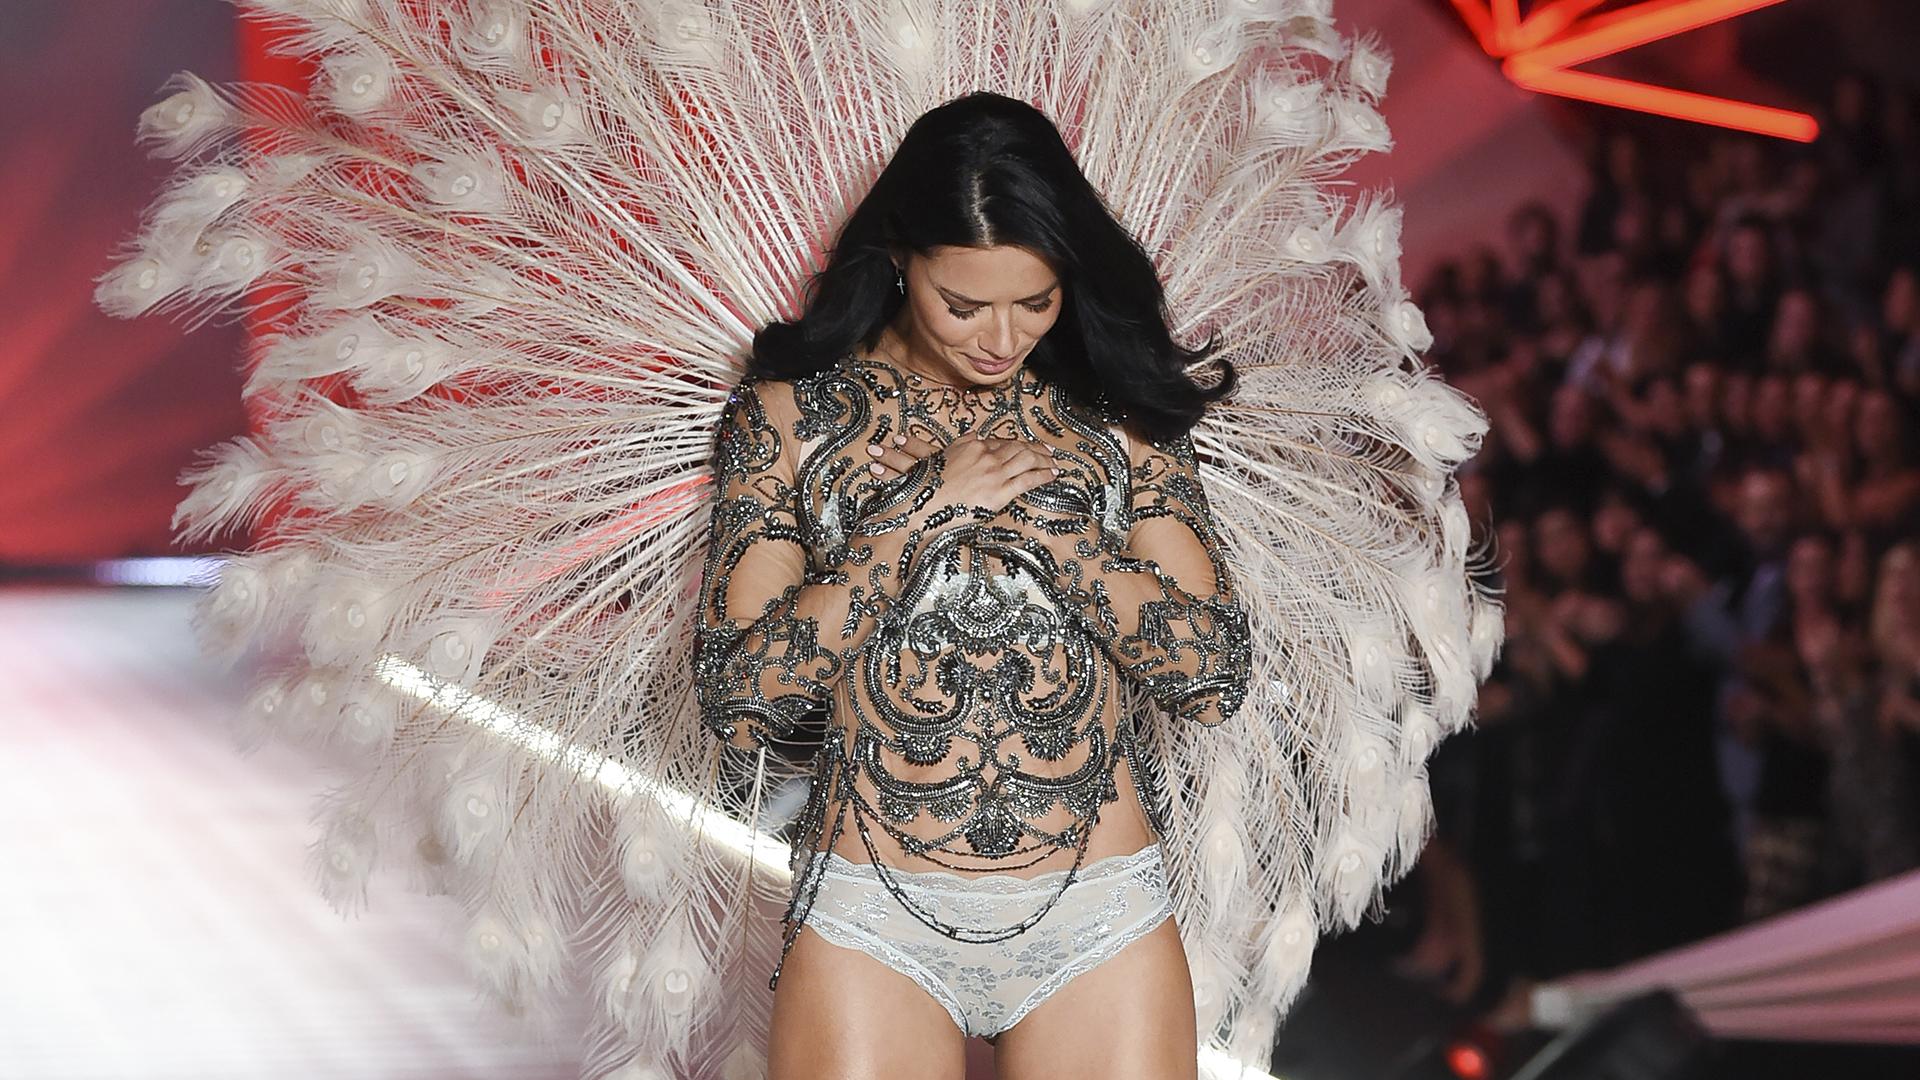 En una de la últimas pasadas, la modelo brasileña no pudo contener las lágrimas y con la ovación de todo el público presente fue aplaudida por todos los años que participó de este gran show de lencería